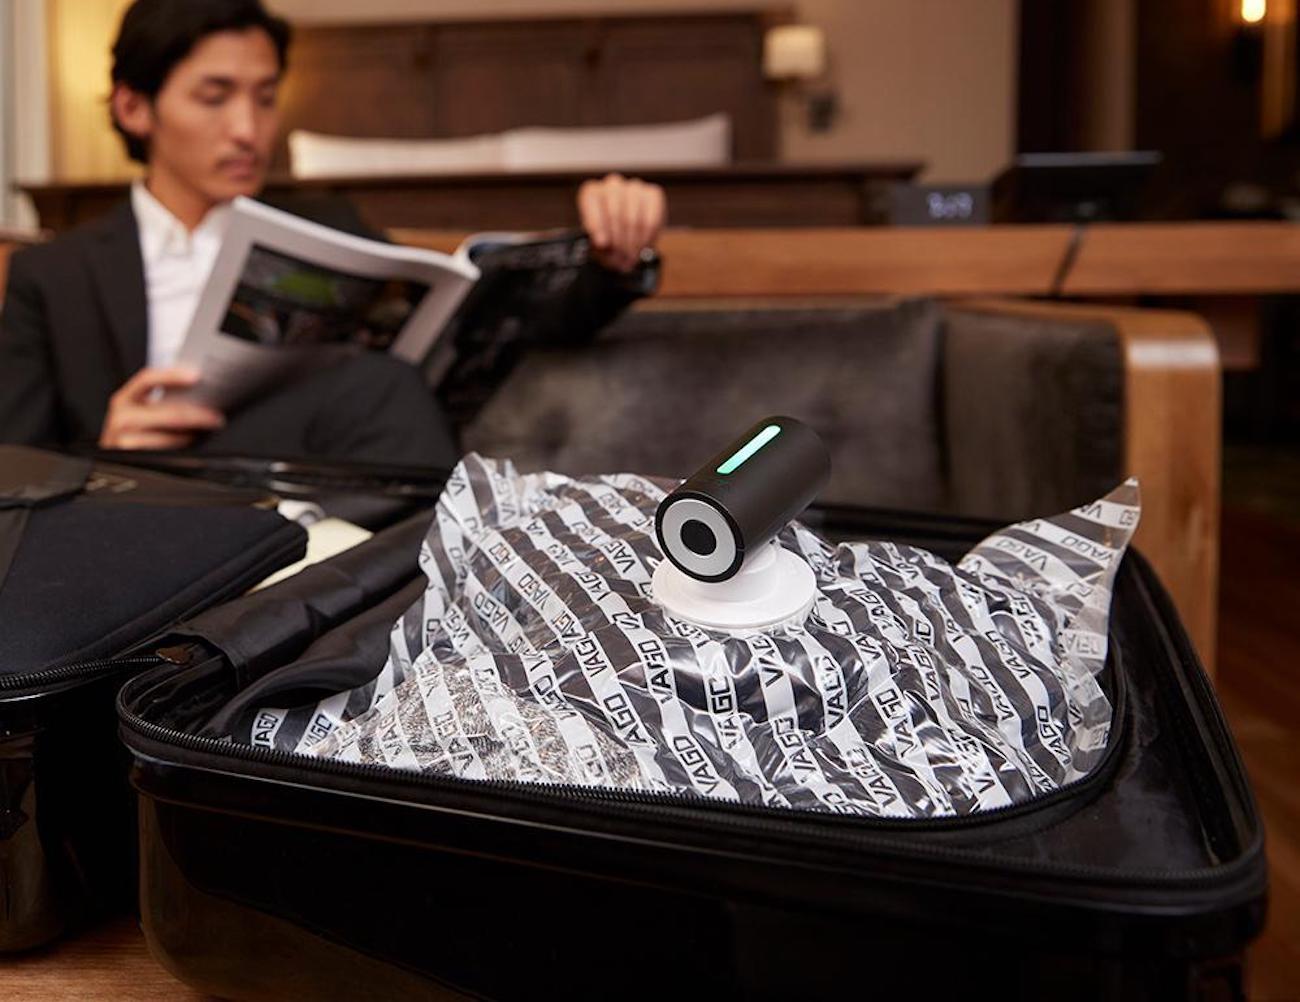 Vago Portable Baggage Compressor